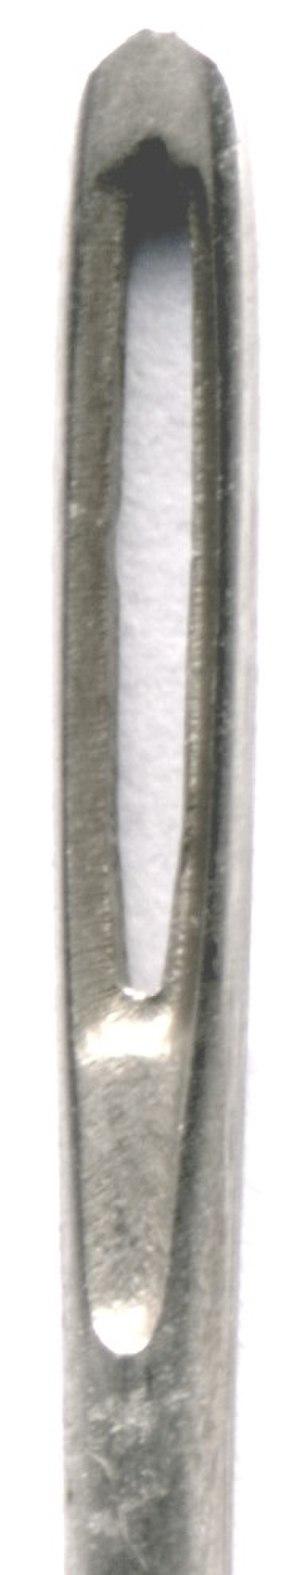 Eye of a needle - Eye of a needle